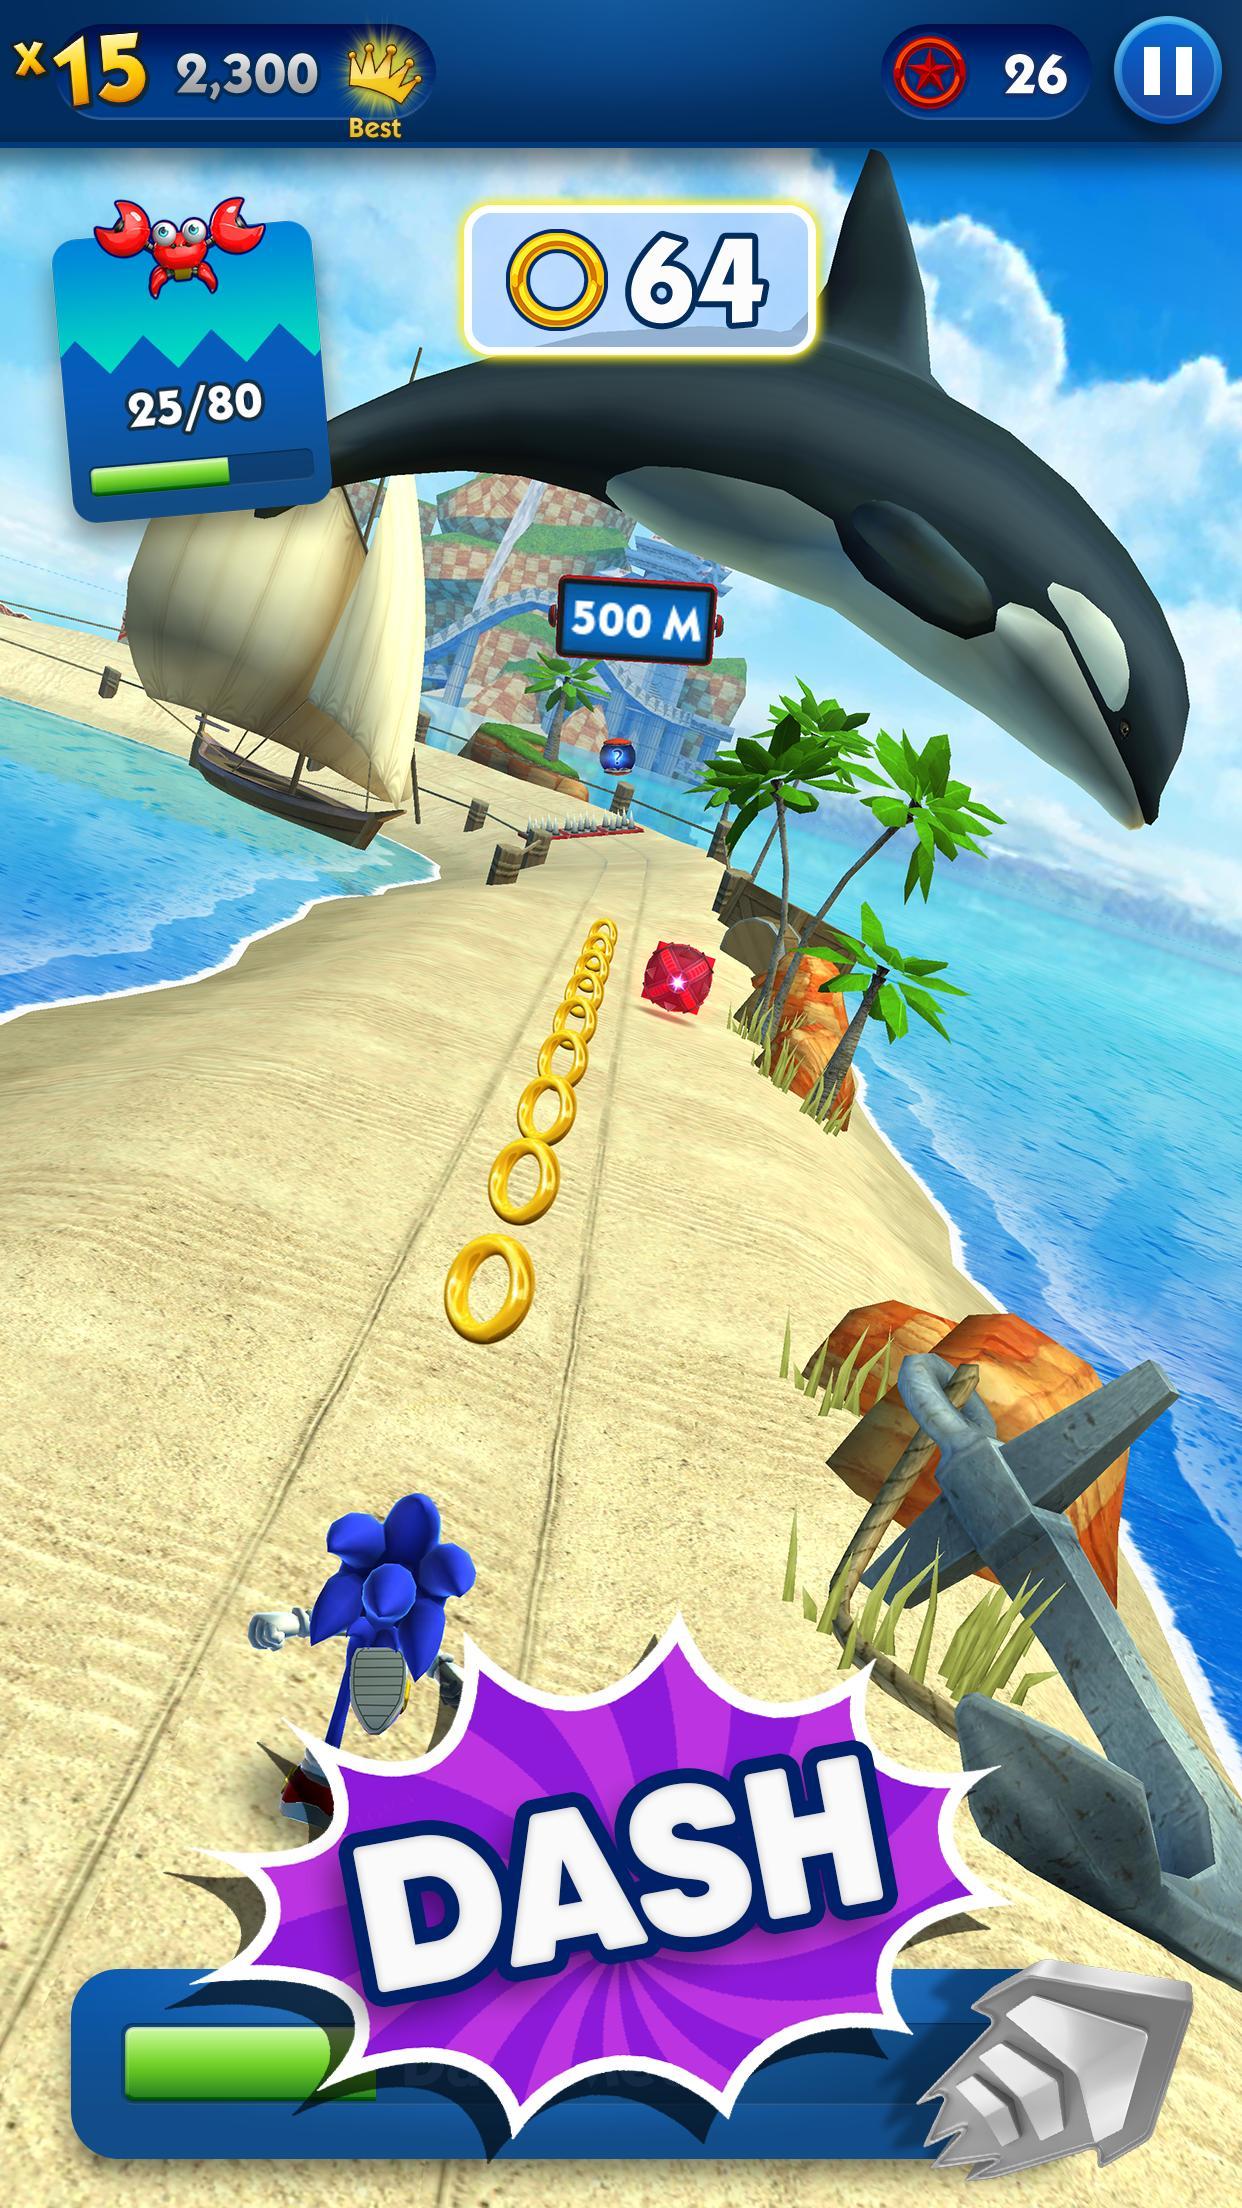 Sonic Dash - Endless Running & Racing Game 4.14.0 Screenshot 10